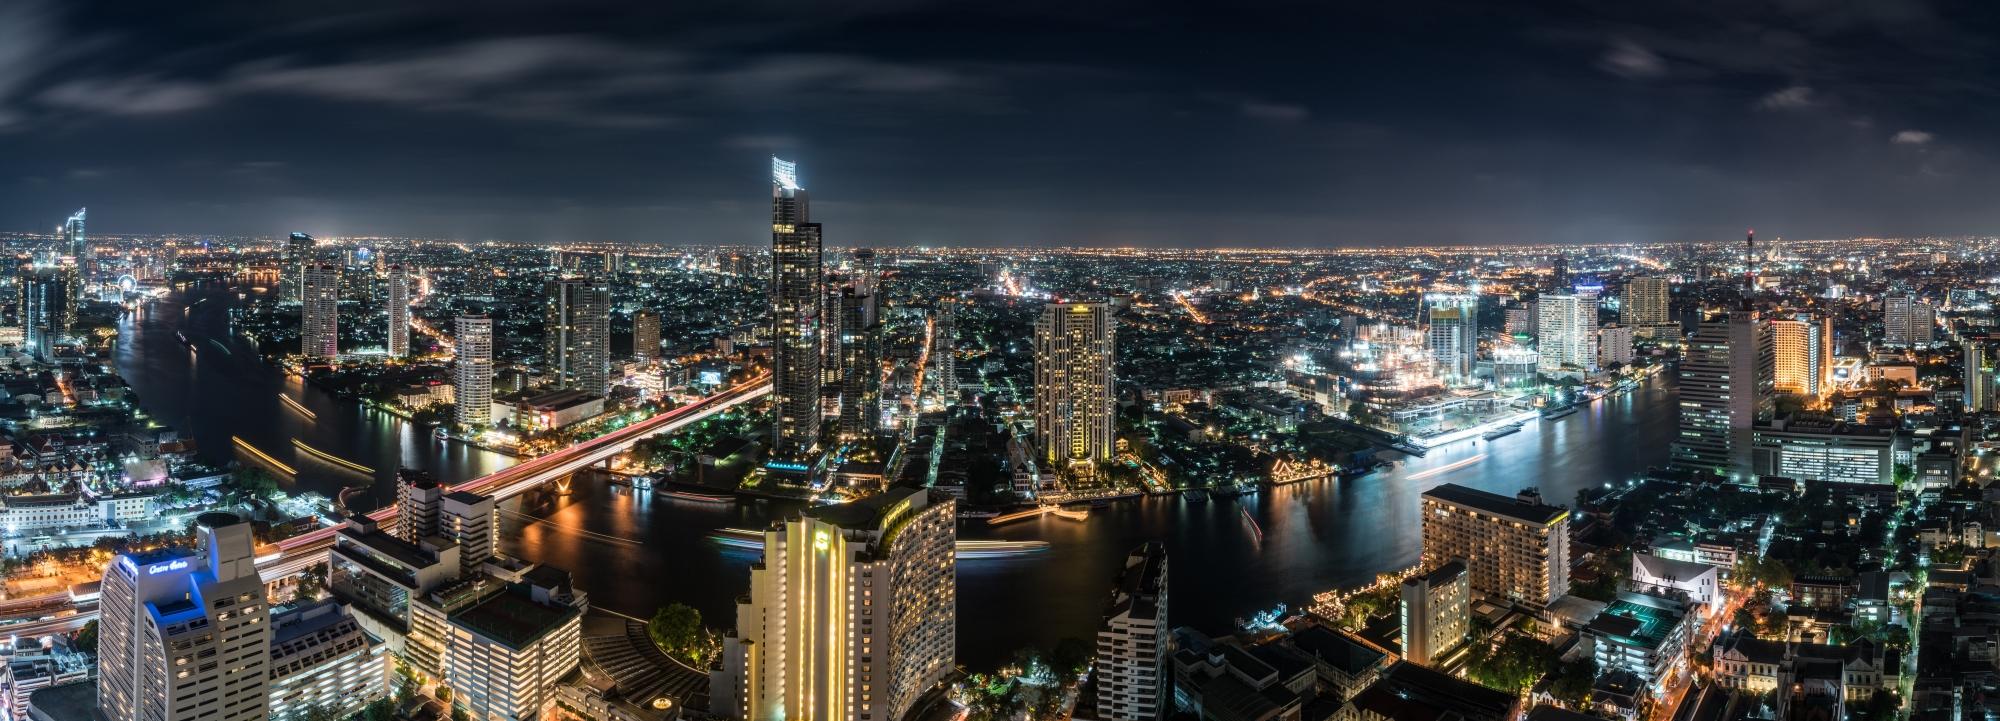 flüge nach thailand 2020